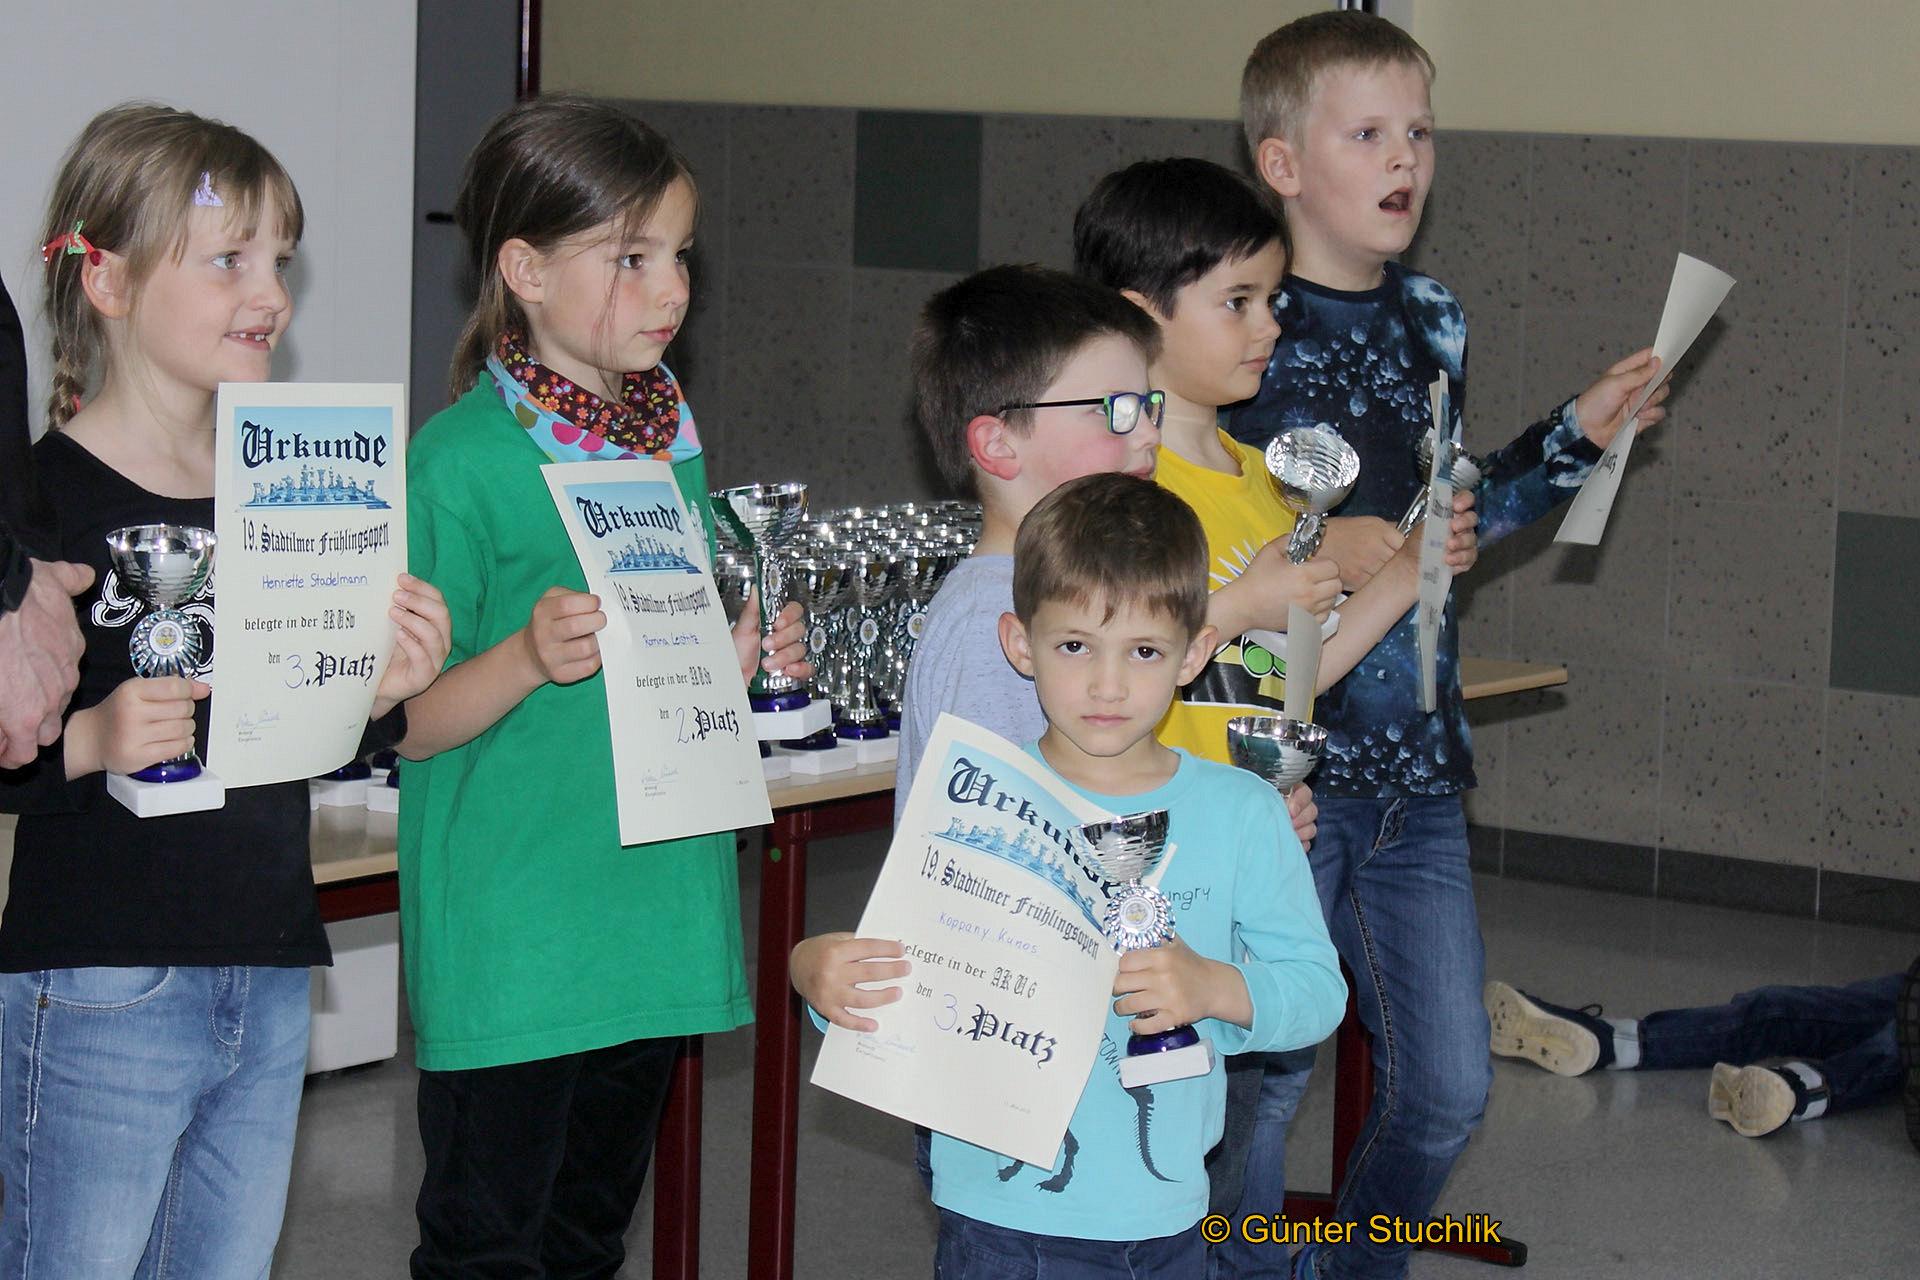 Pokalgewinne der Greizer Schachlöwen Kötöny und Koppany in Stadtilm.